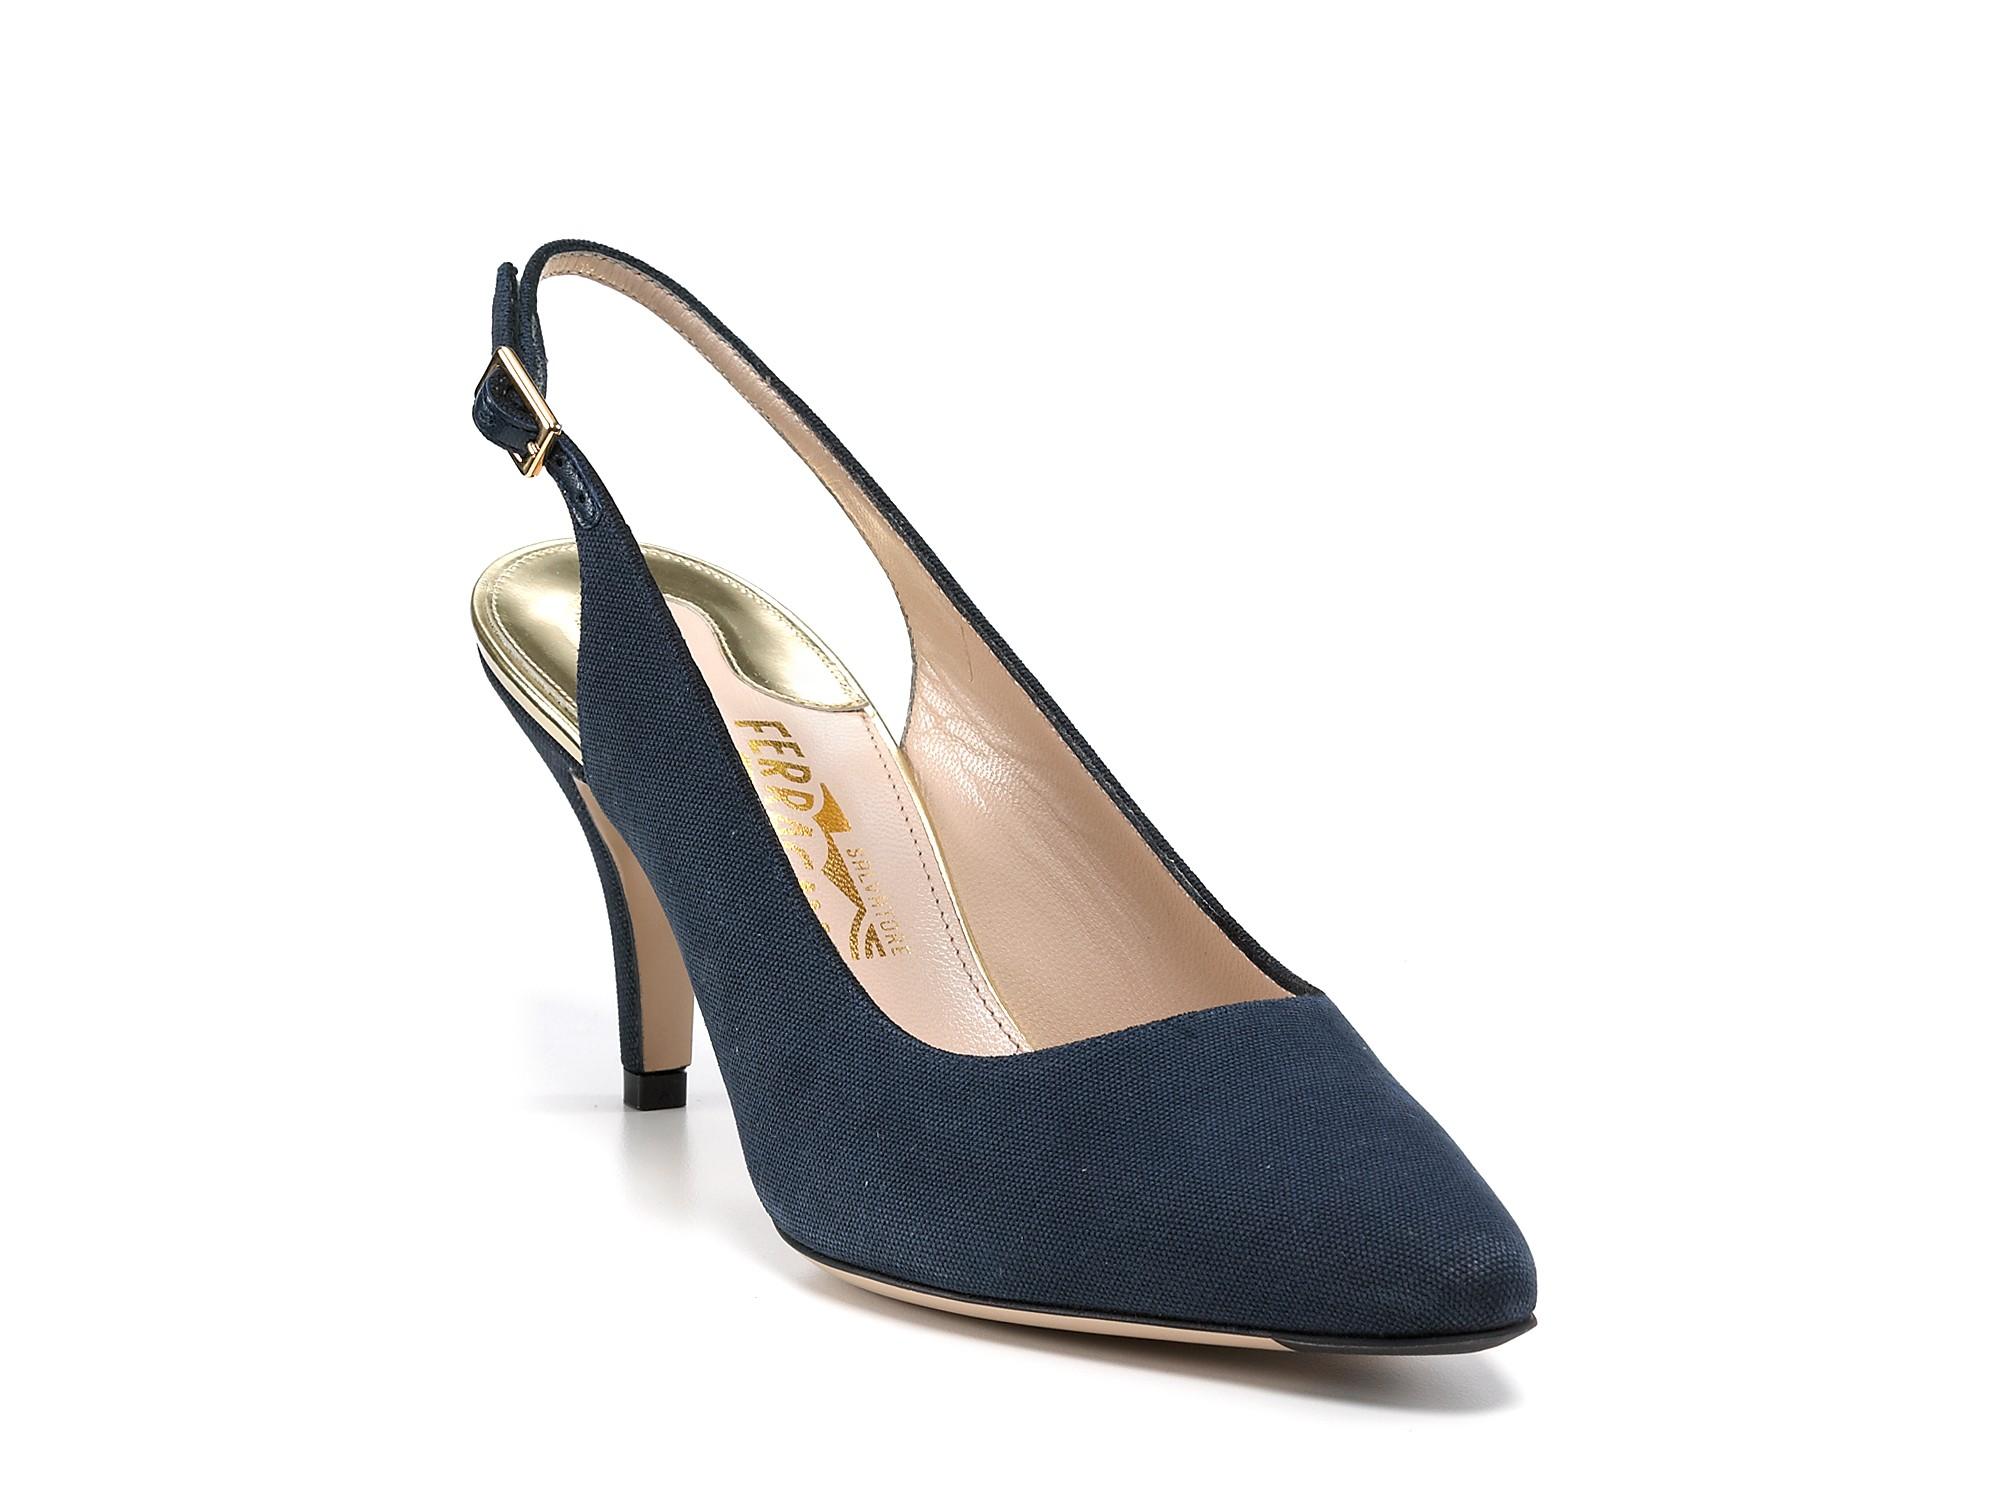 Lyst Ferragamo Heels Cosmina Slingback Kitten Heels In Blue